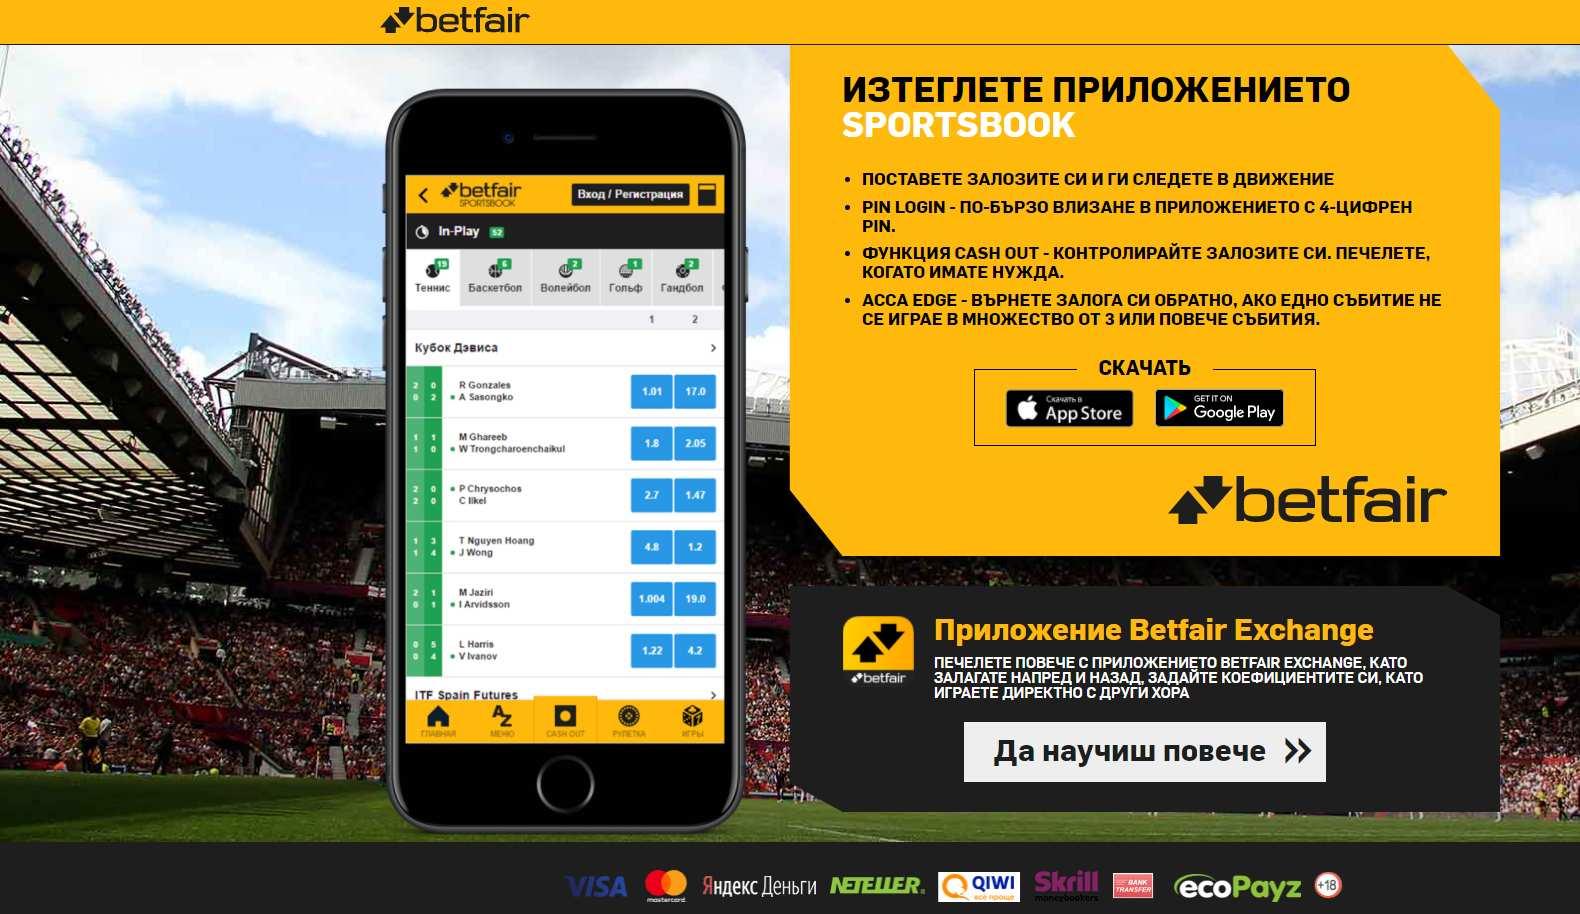 Указание как да изтеглите и инсталирате Betfair приложението